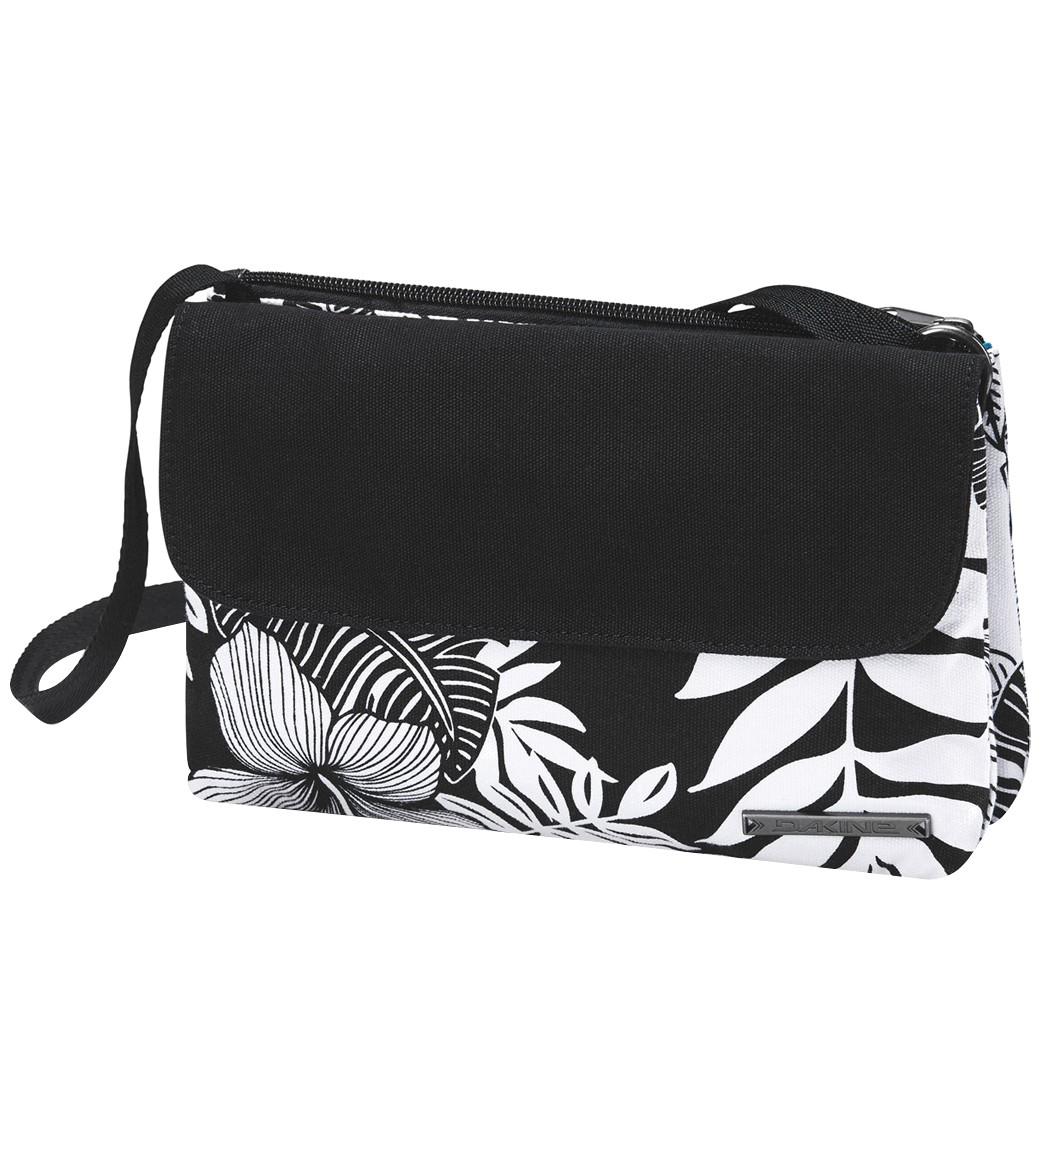 Dakine Women s Jaime Handbag at SwimOutlet.com 77fa40dda9c29